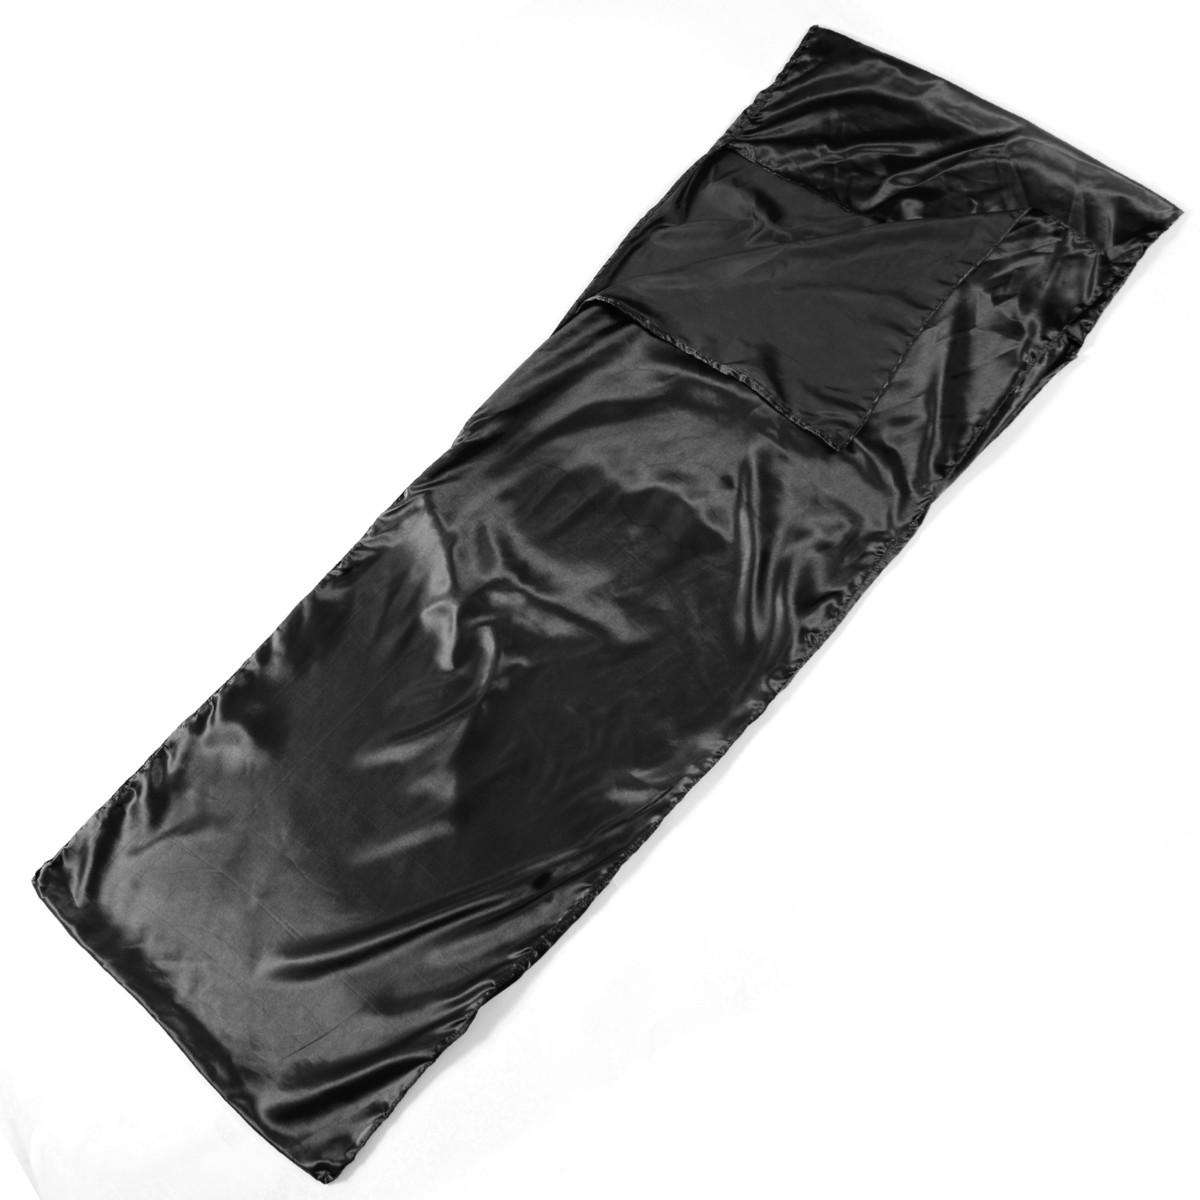 item specifics type sac de couchage marque surepromise numéro de